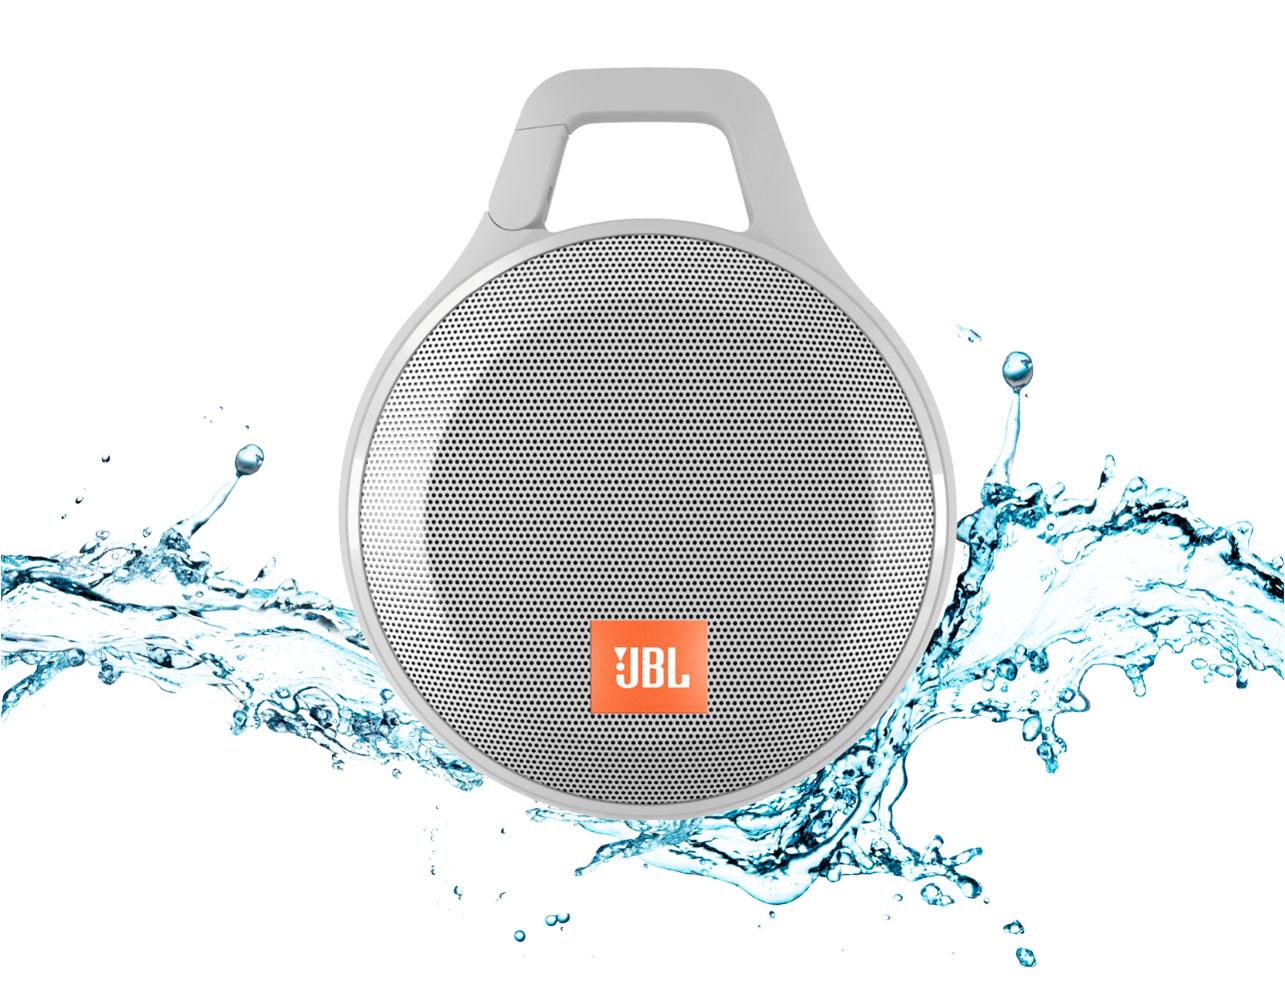 ClipПортативная акустика с аккумулятором<br>Компактная акустическая система<br>